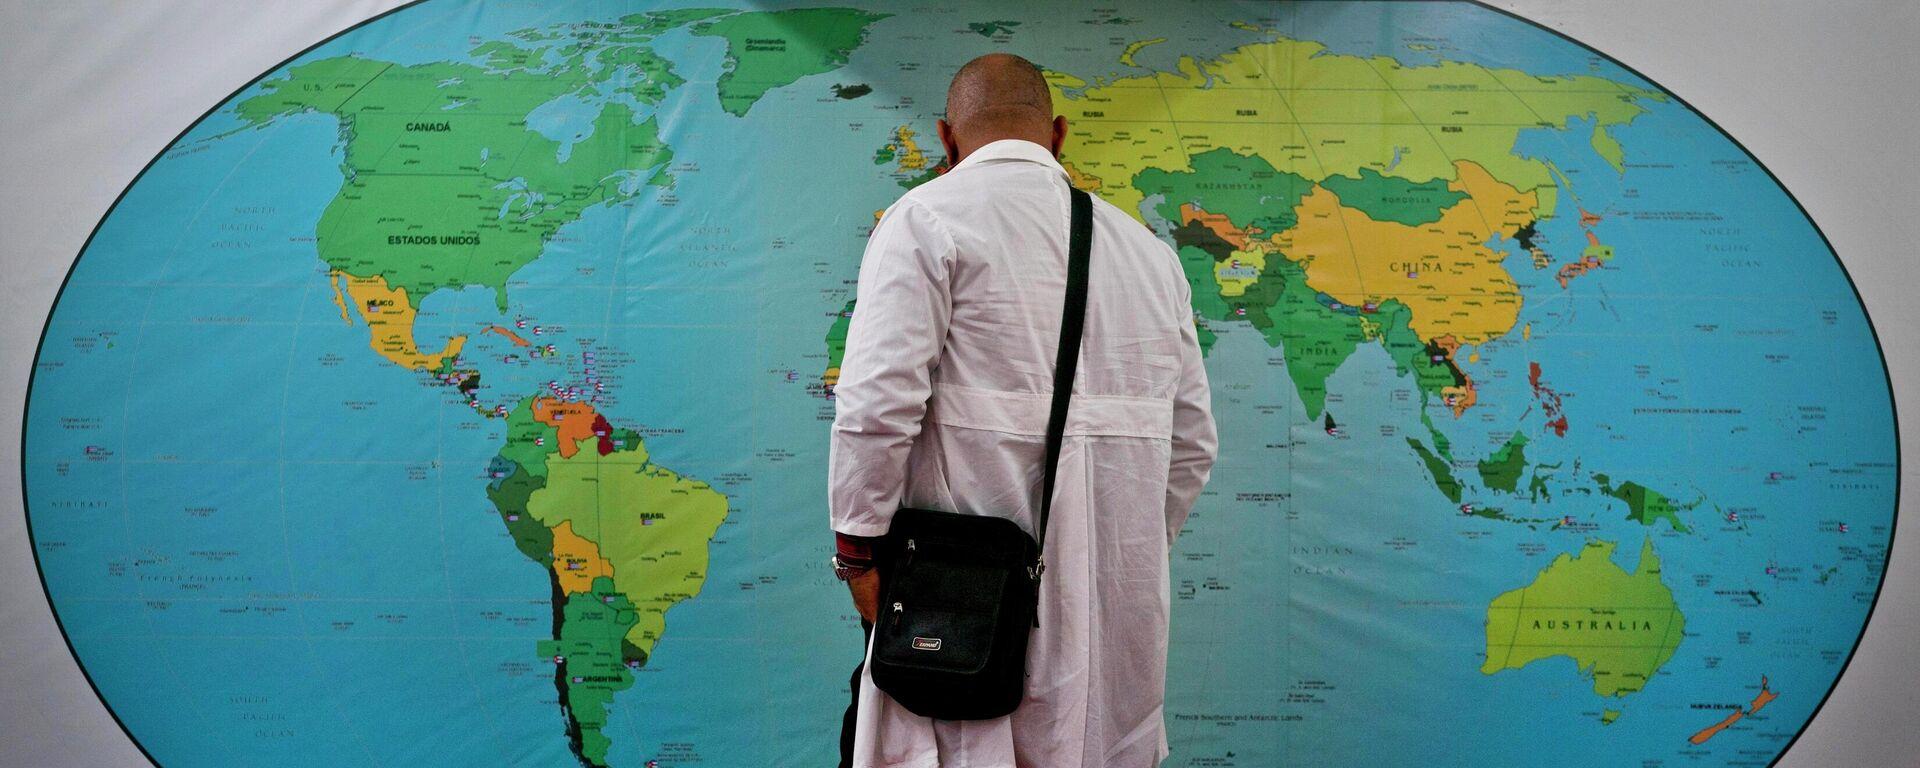 Un médico cubano y el mapa del mundo - Sputnik Mundo, 1920, 08.04.2021